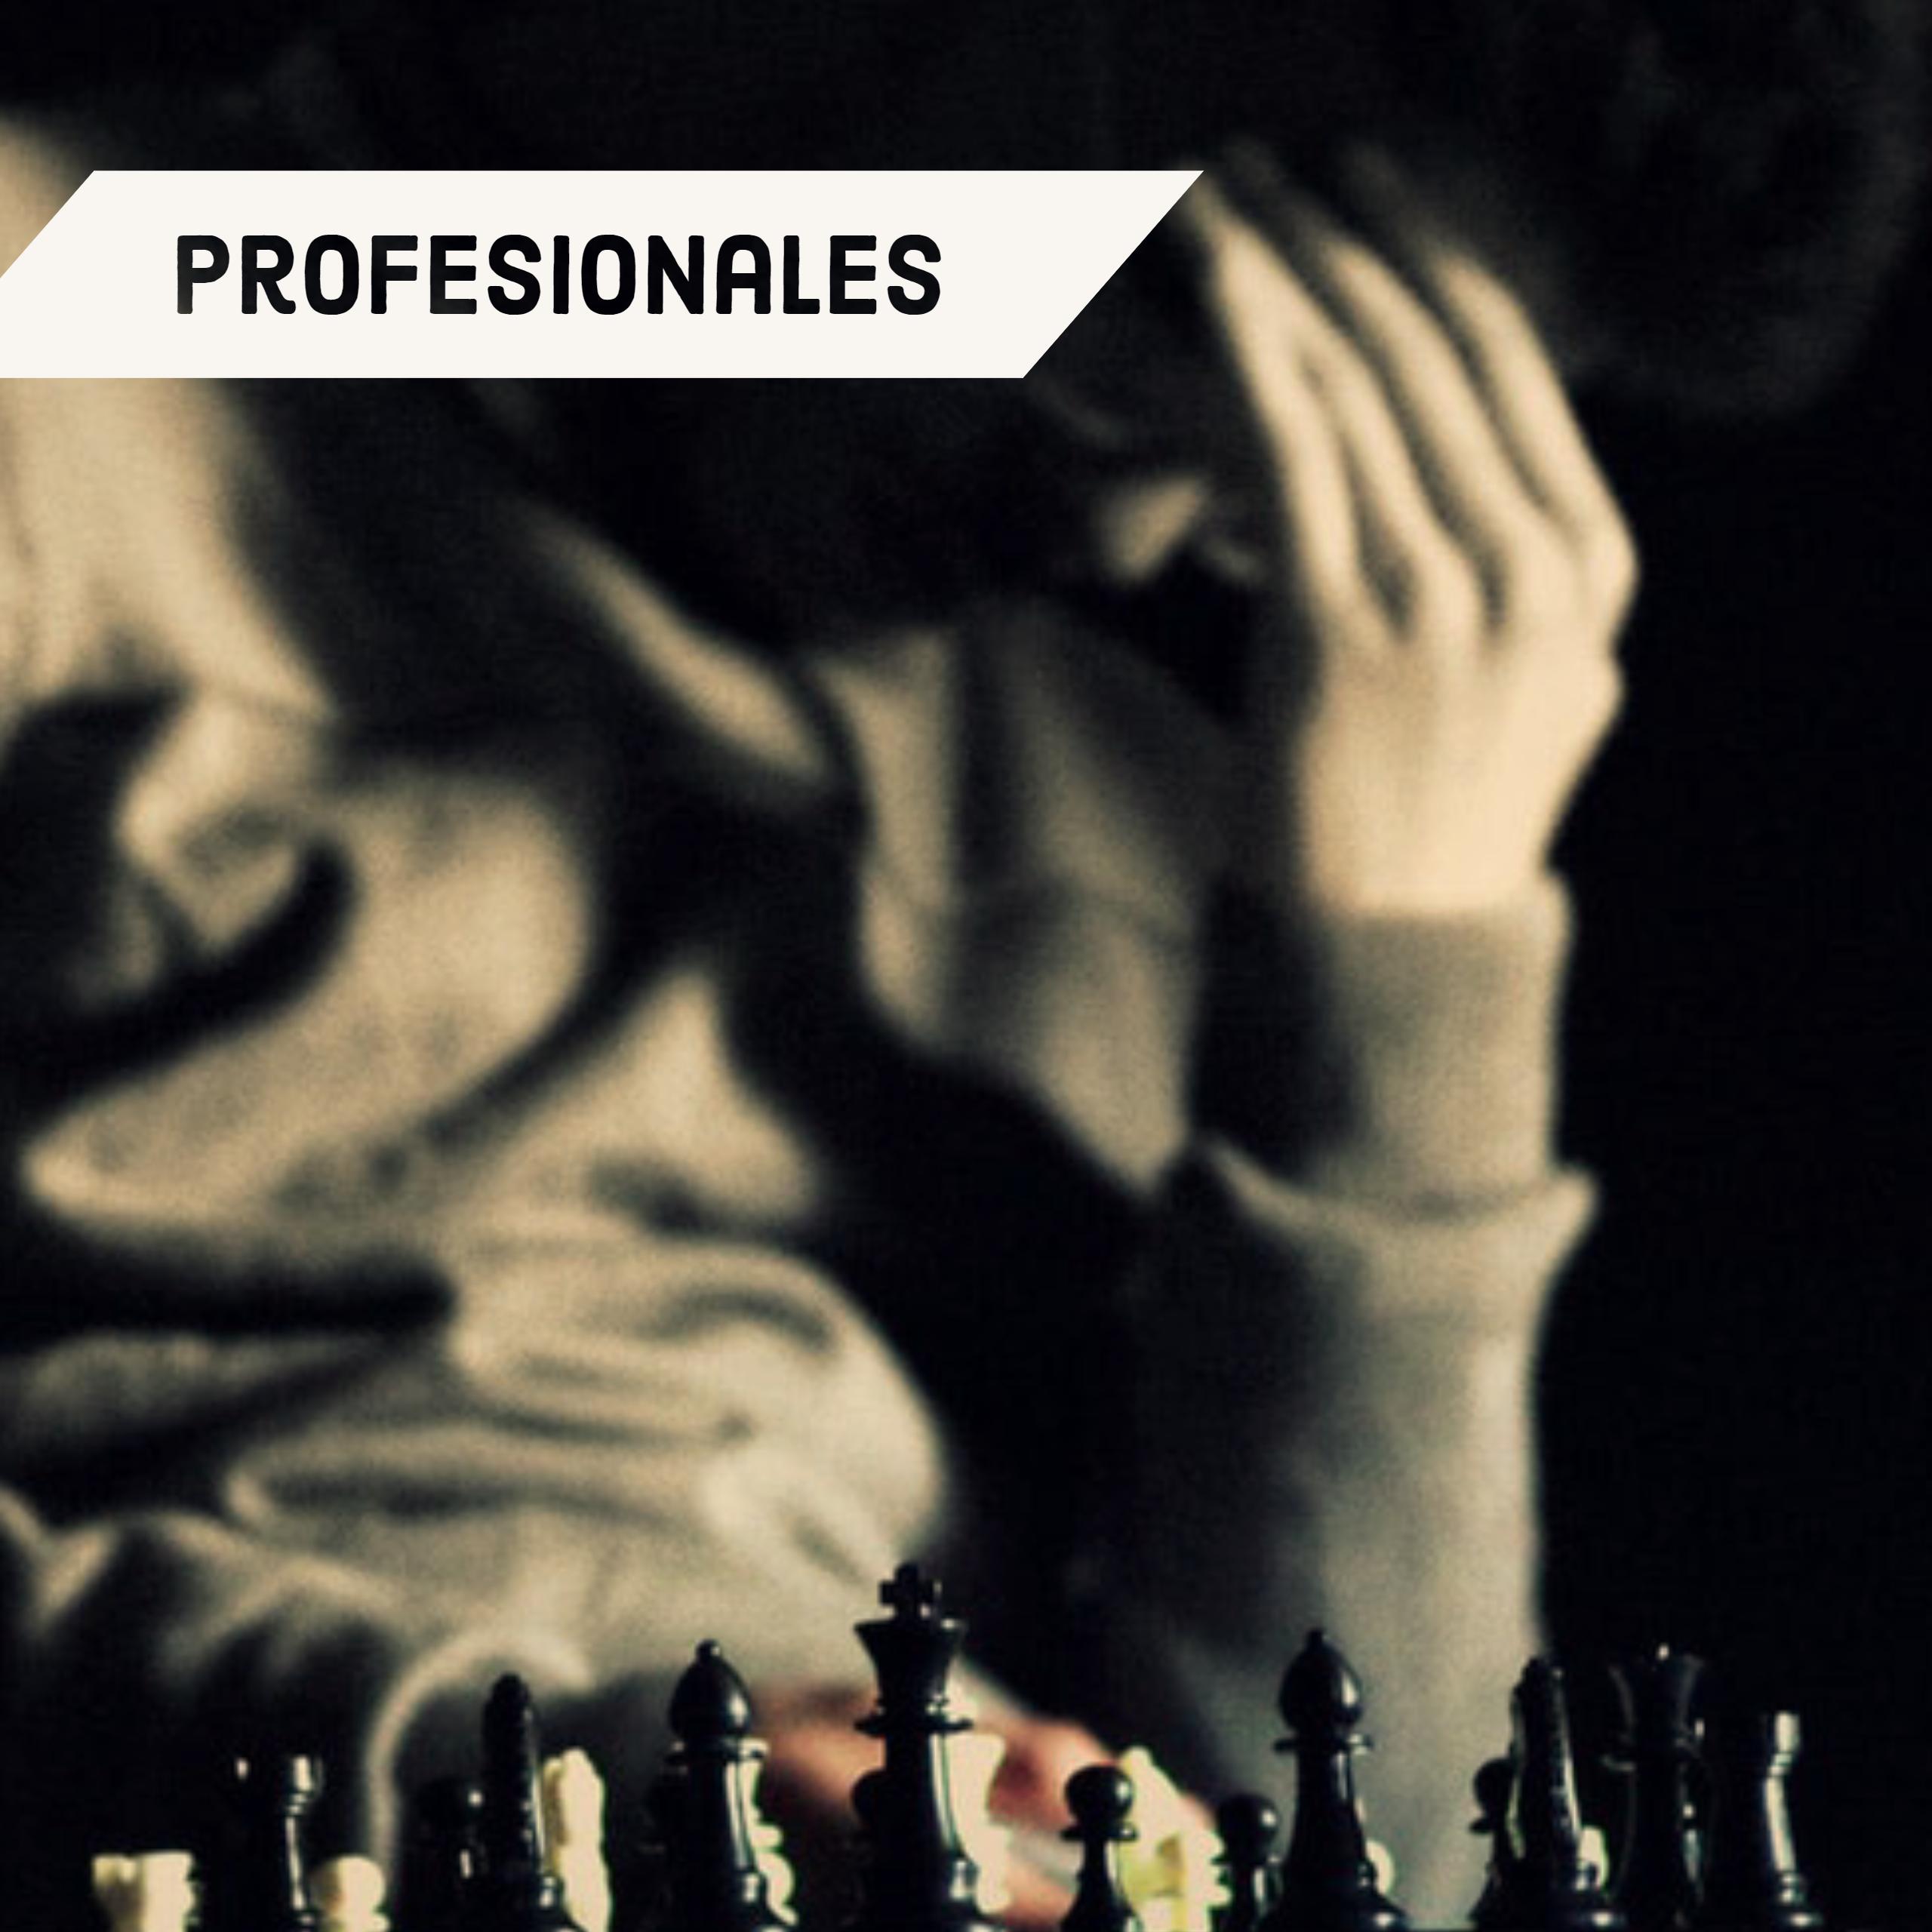 profesionales ajedrez